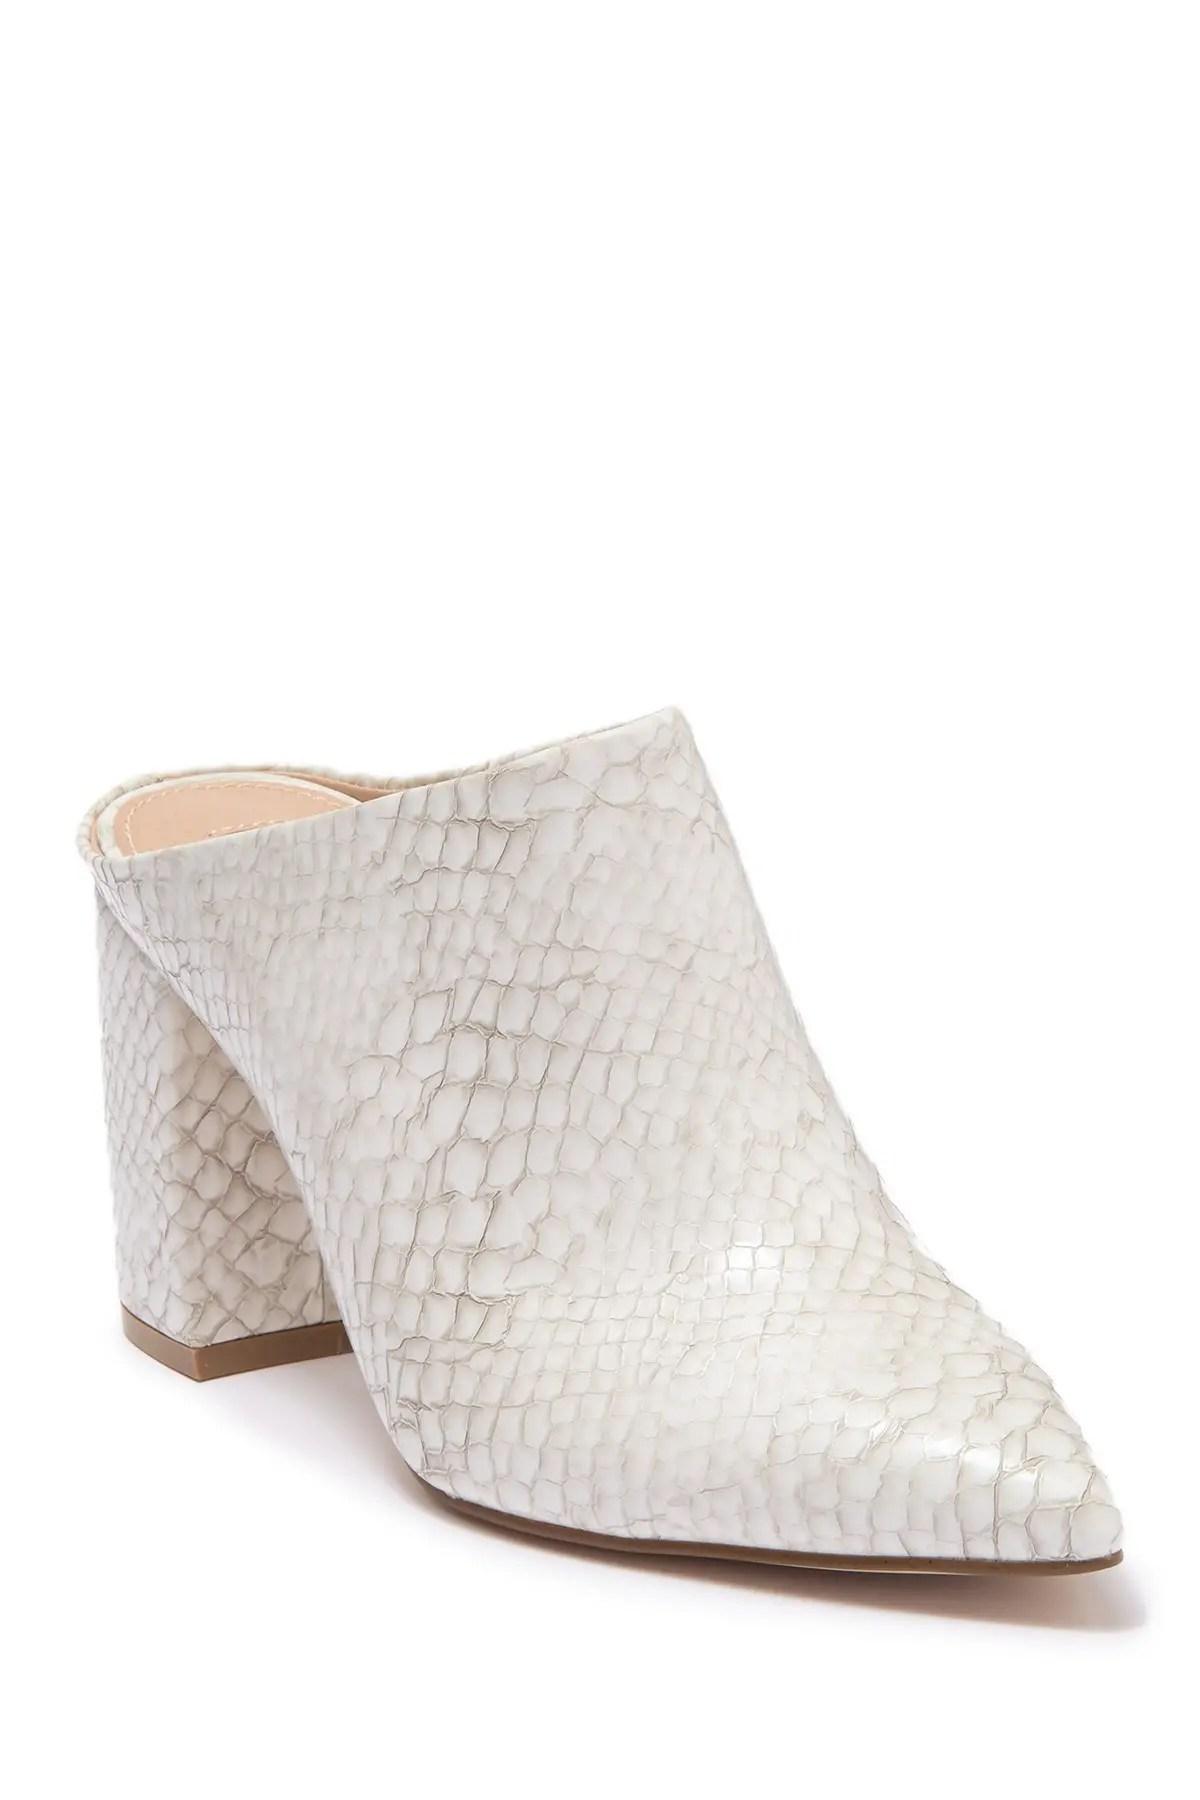 steve madden women s shoes nordstrom rack